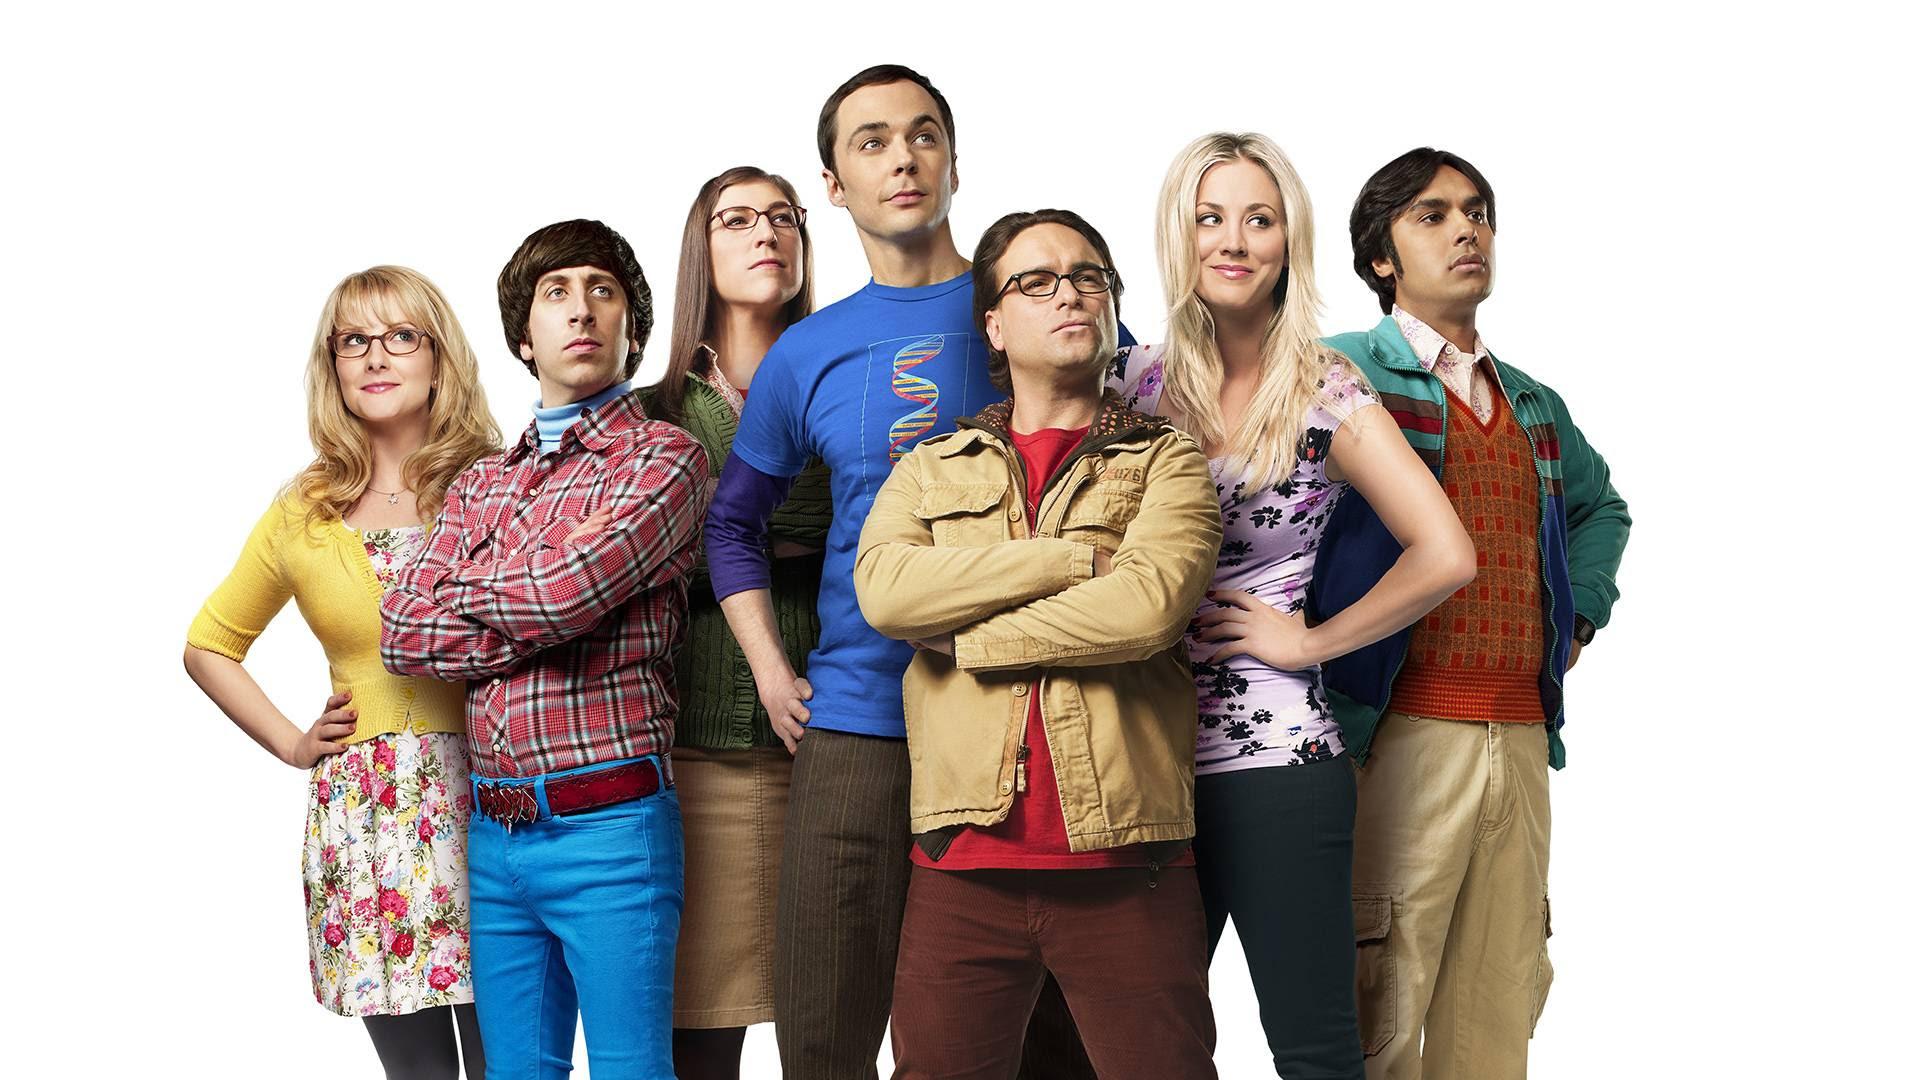 The Big Bang Theory Wallpaper 1920x1080 73731